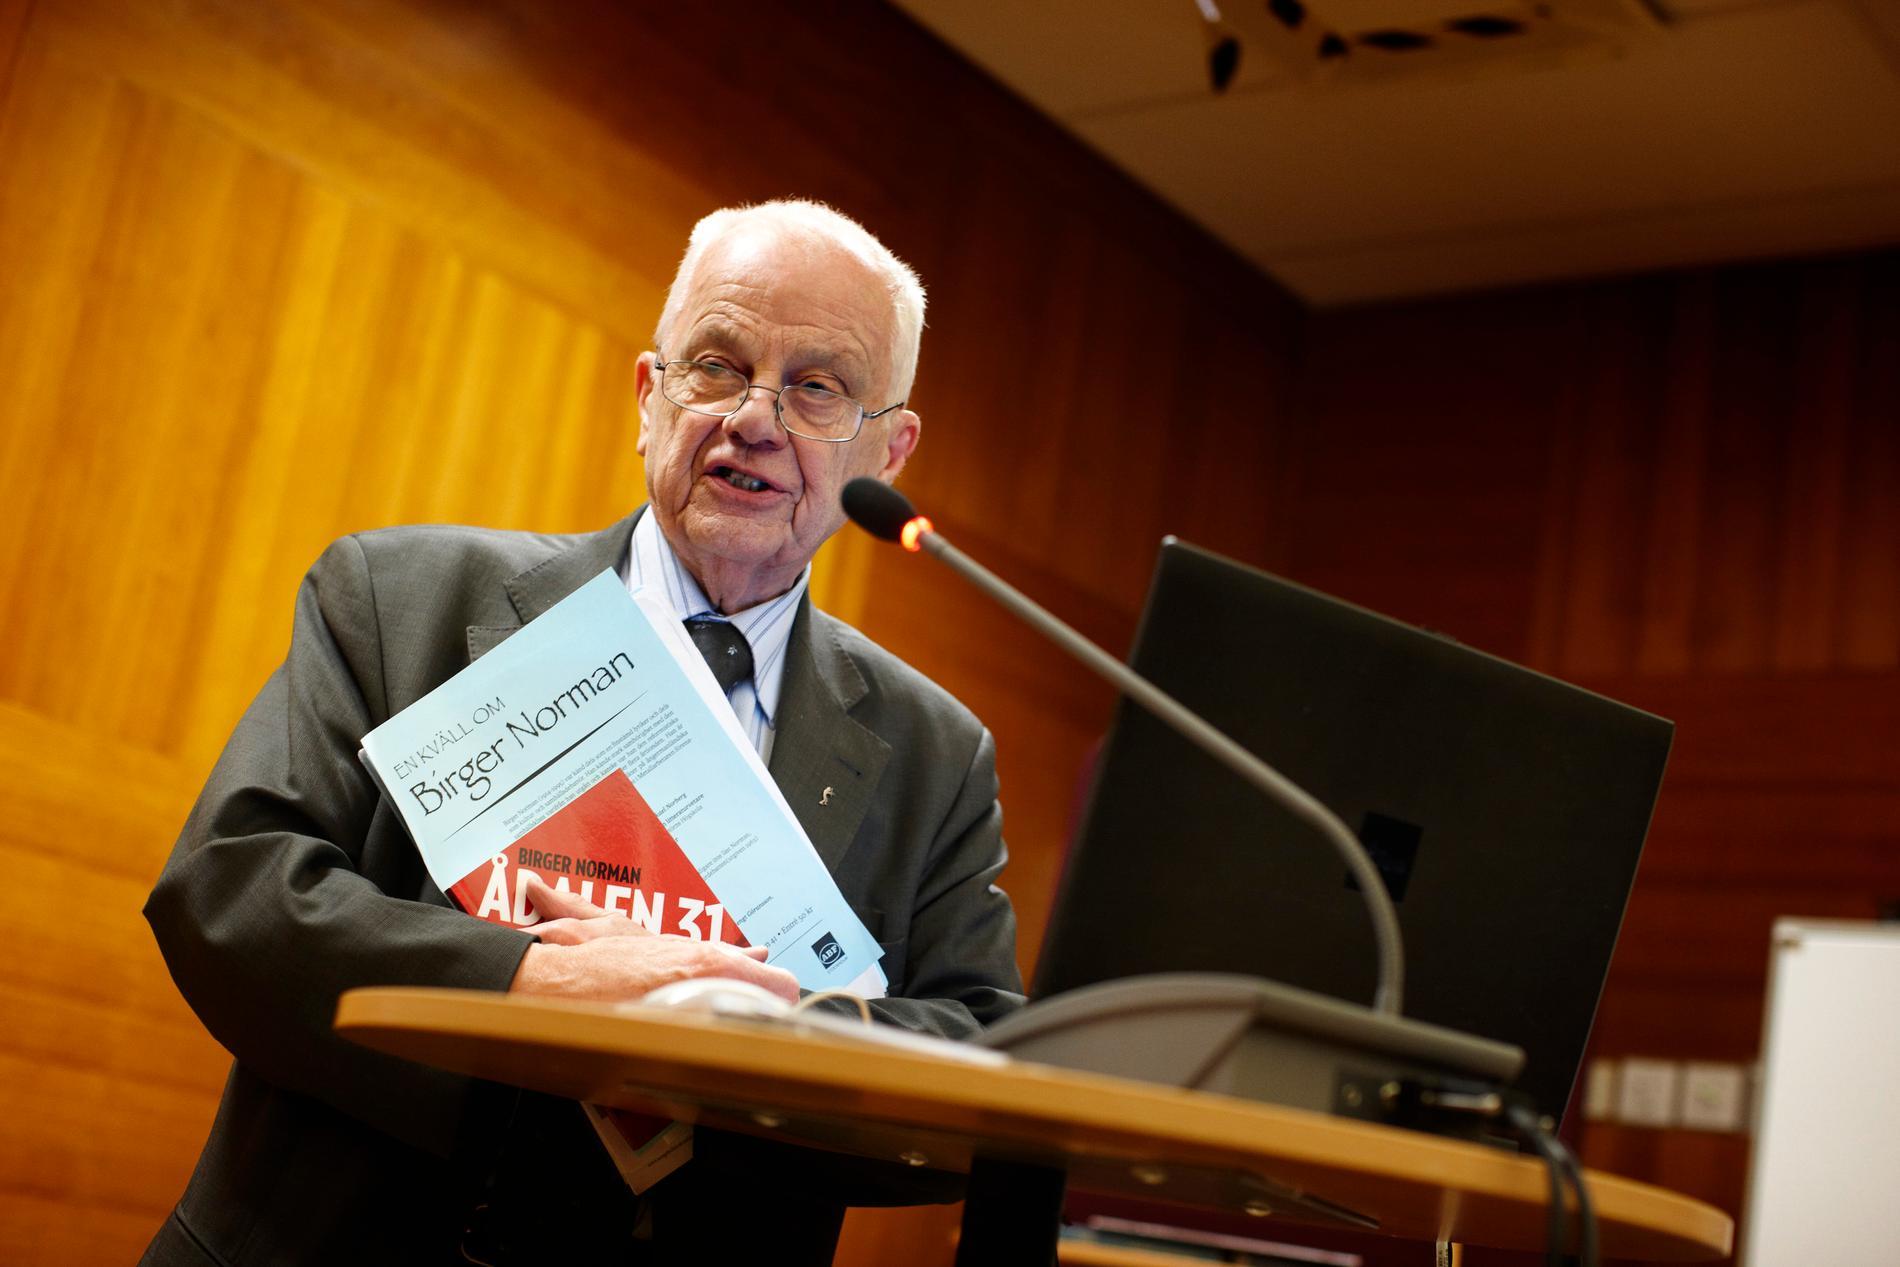 """Bengt Göransson (1932–2021) brann för kulturen, utbildningen och folkbildningen. """"Vi som hade förmånen att delta i samma seminarier, ofta på ABF-huset i Stockholm, lärde känna ett ovanligt självständigt och rörligt intellekt, men också en människa full av känslor"""" skriver Åsa Linderborg."""